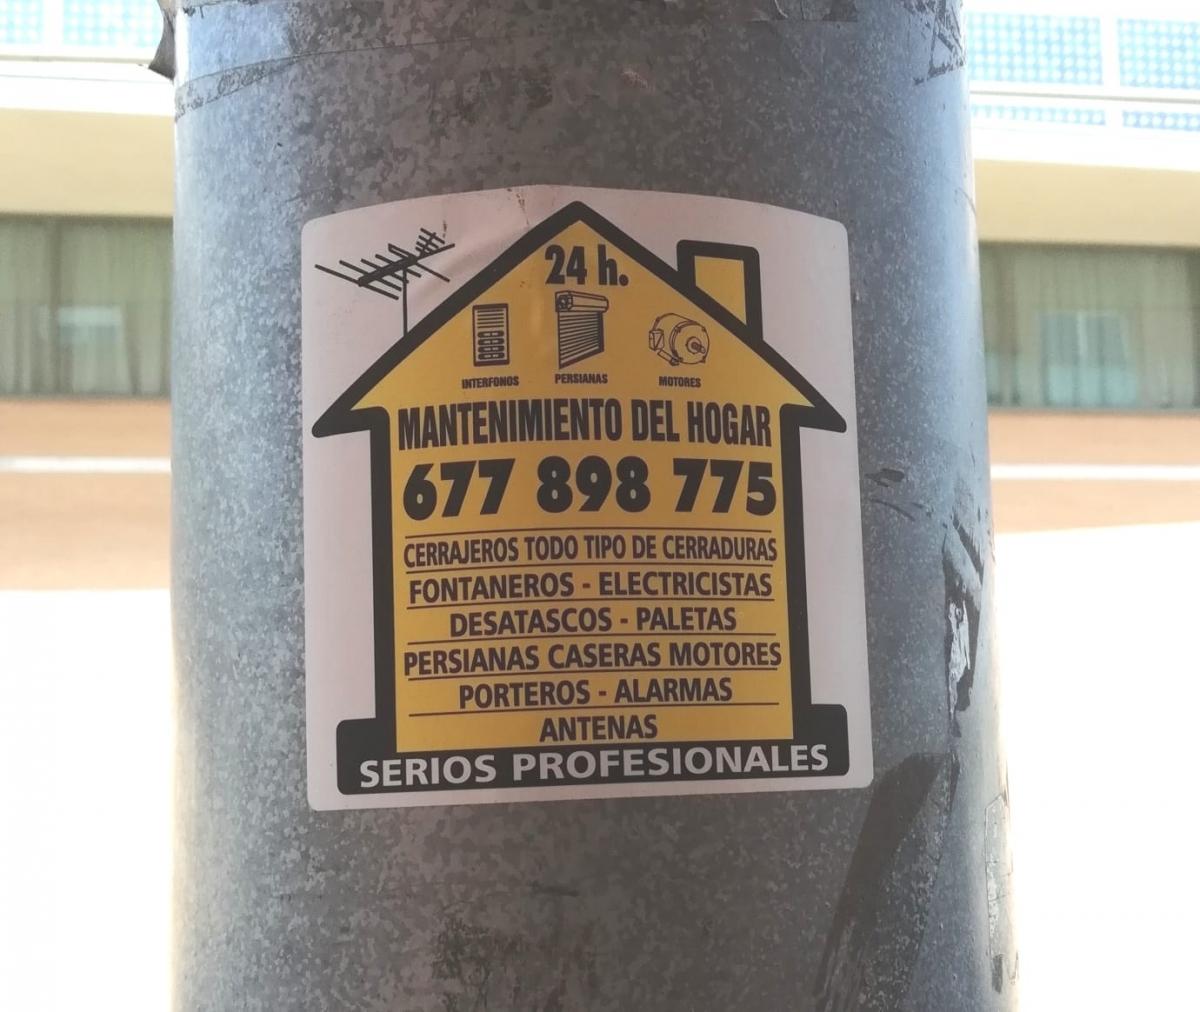 Un cartell a l'espai públic, no sancionat, un indici del greuge que veuen els deu de Vilanova